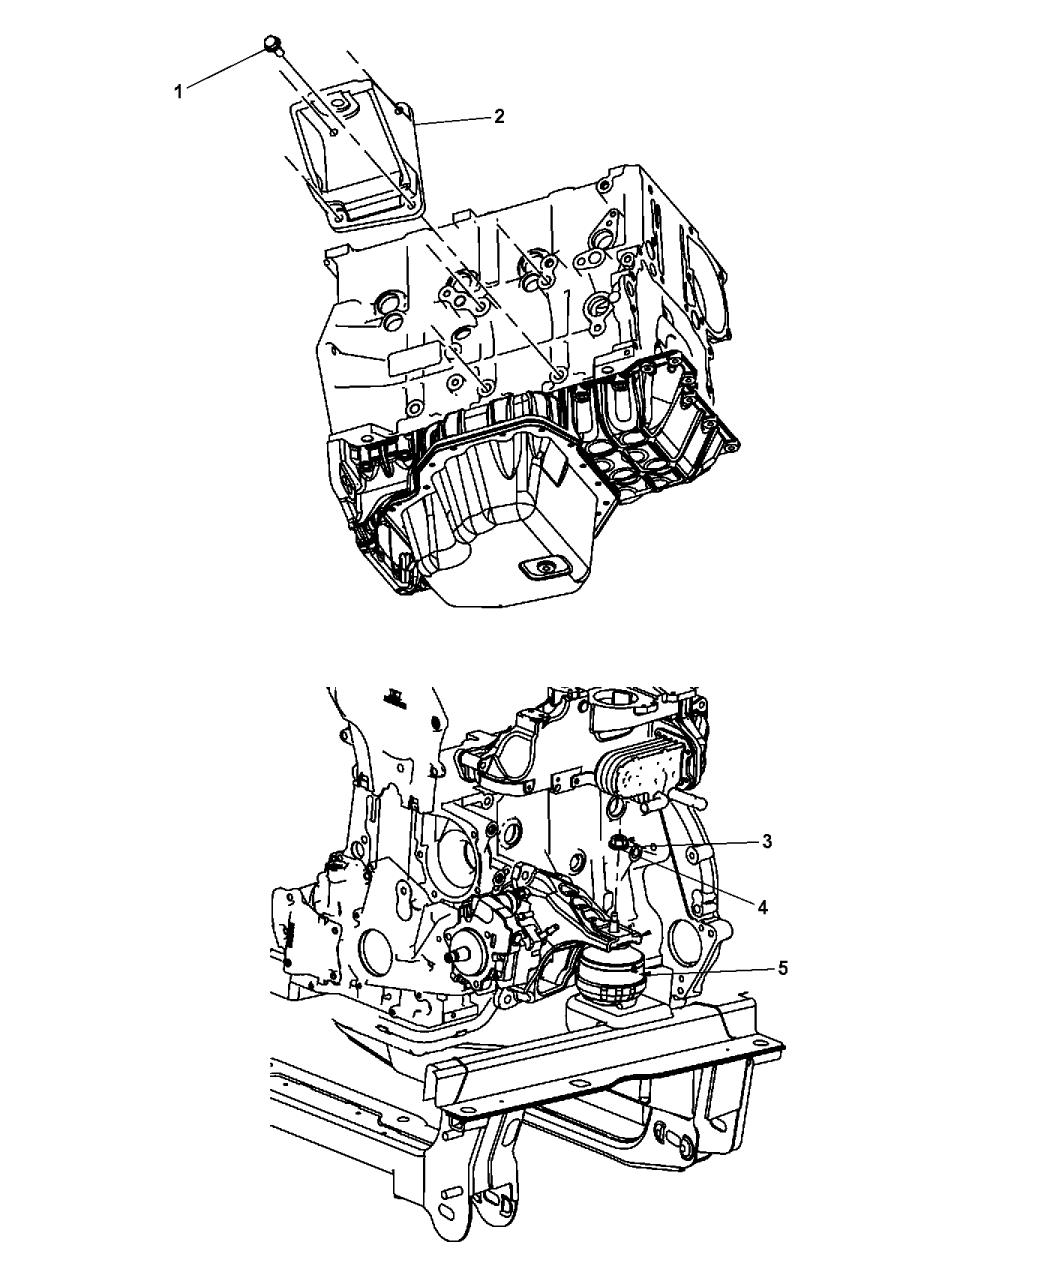 2008 Dodge Nitro Engine Mounting - Thumbnail 6